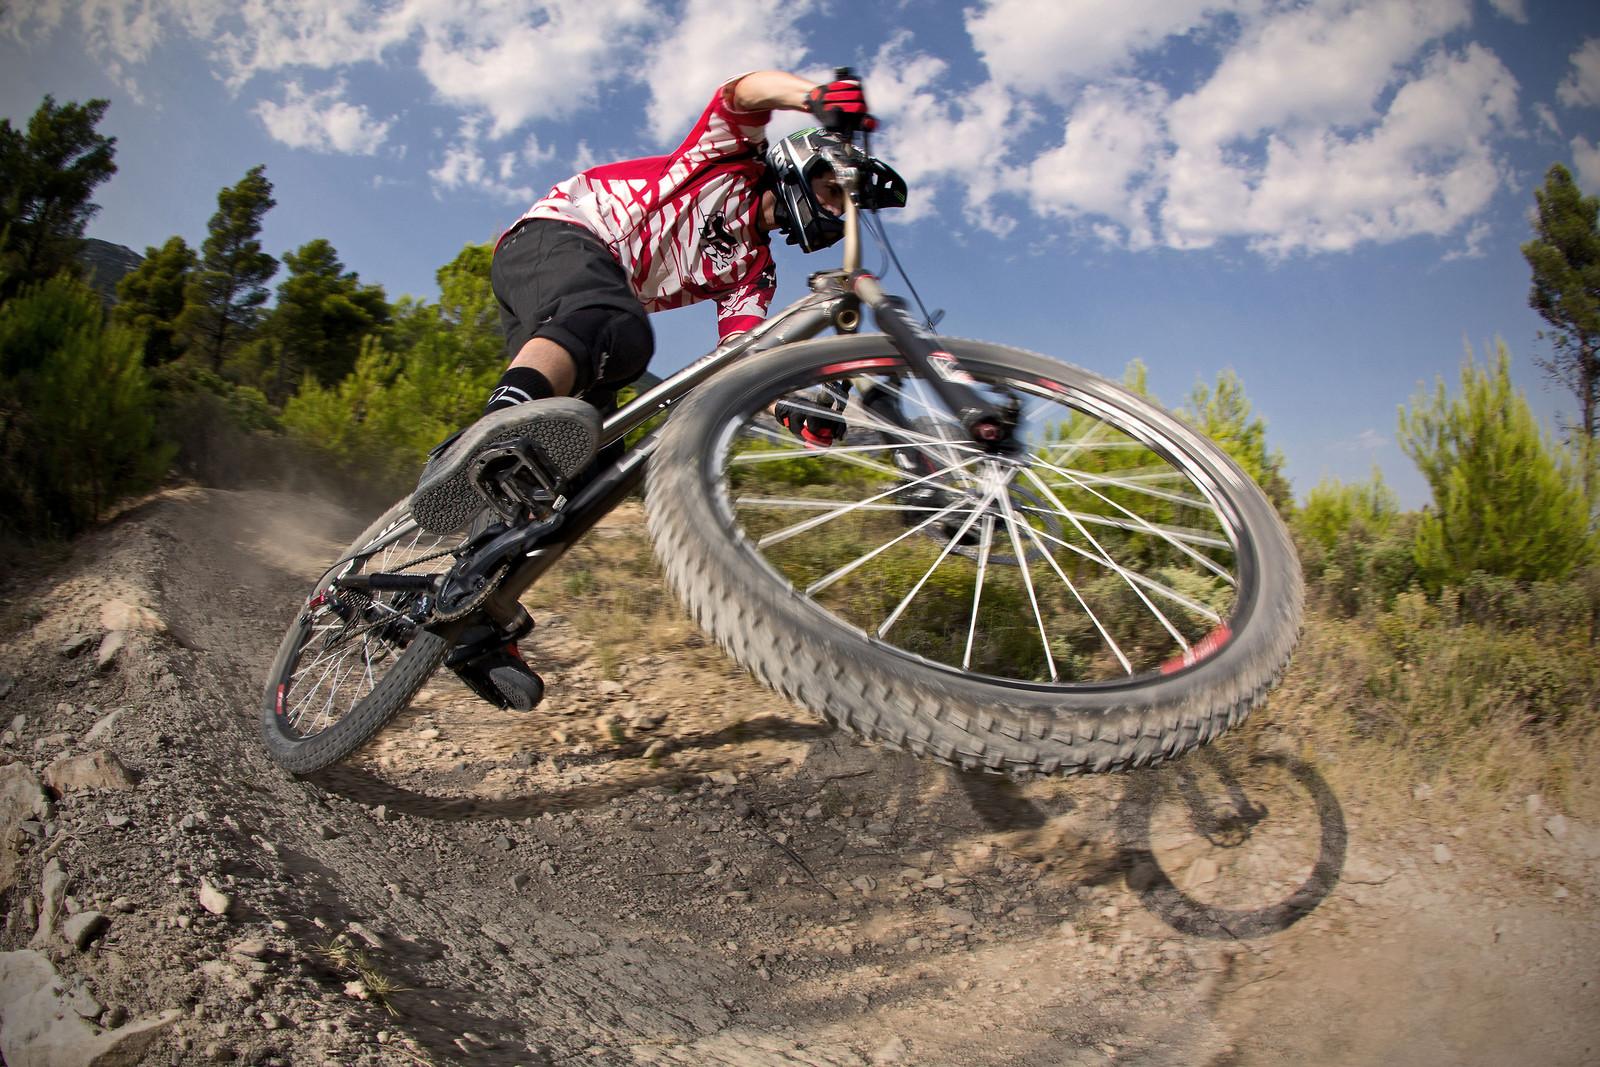 korf at mount parnitha - pappoulakos - Mountain Biking Pictures - Vital MTB